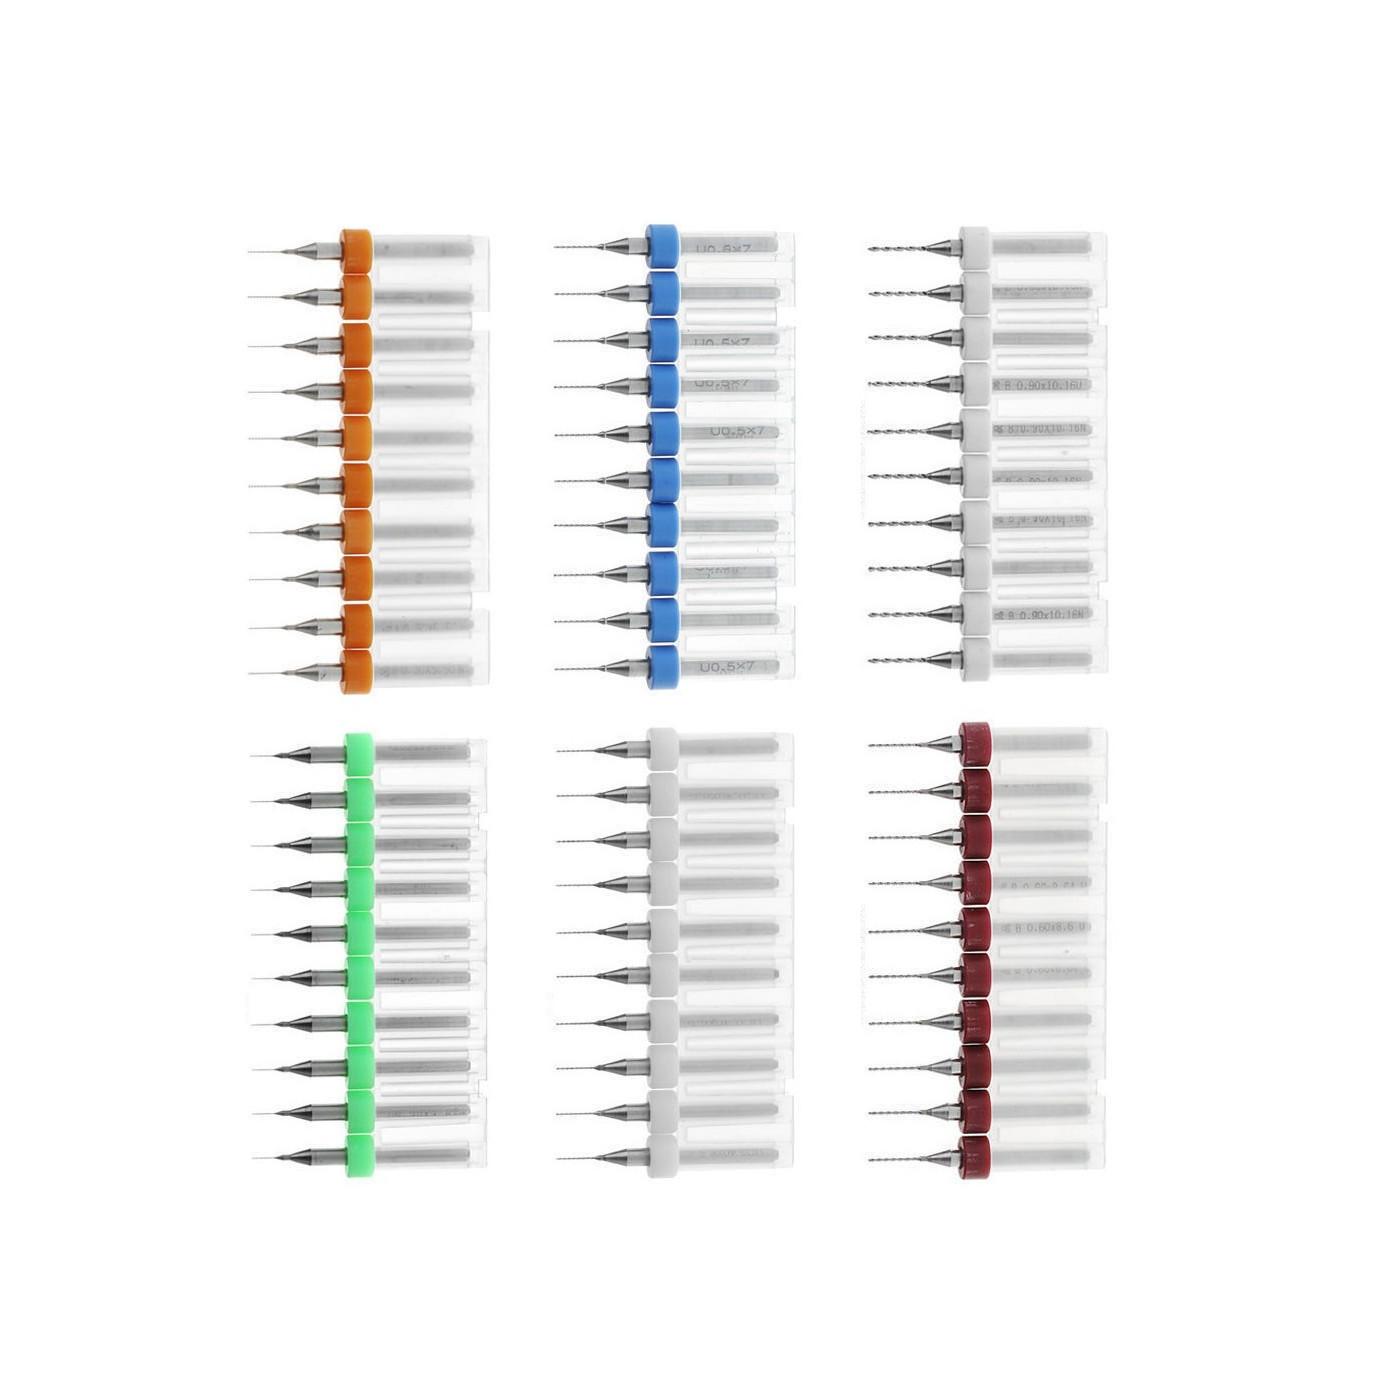 Ensemble de 10 micro forets dans une boîte (0,60 mm)  - 1